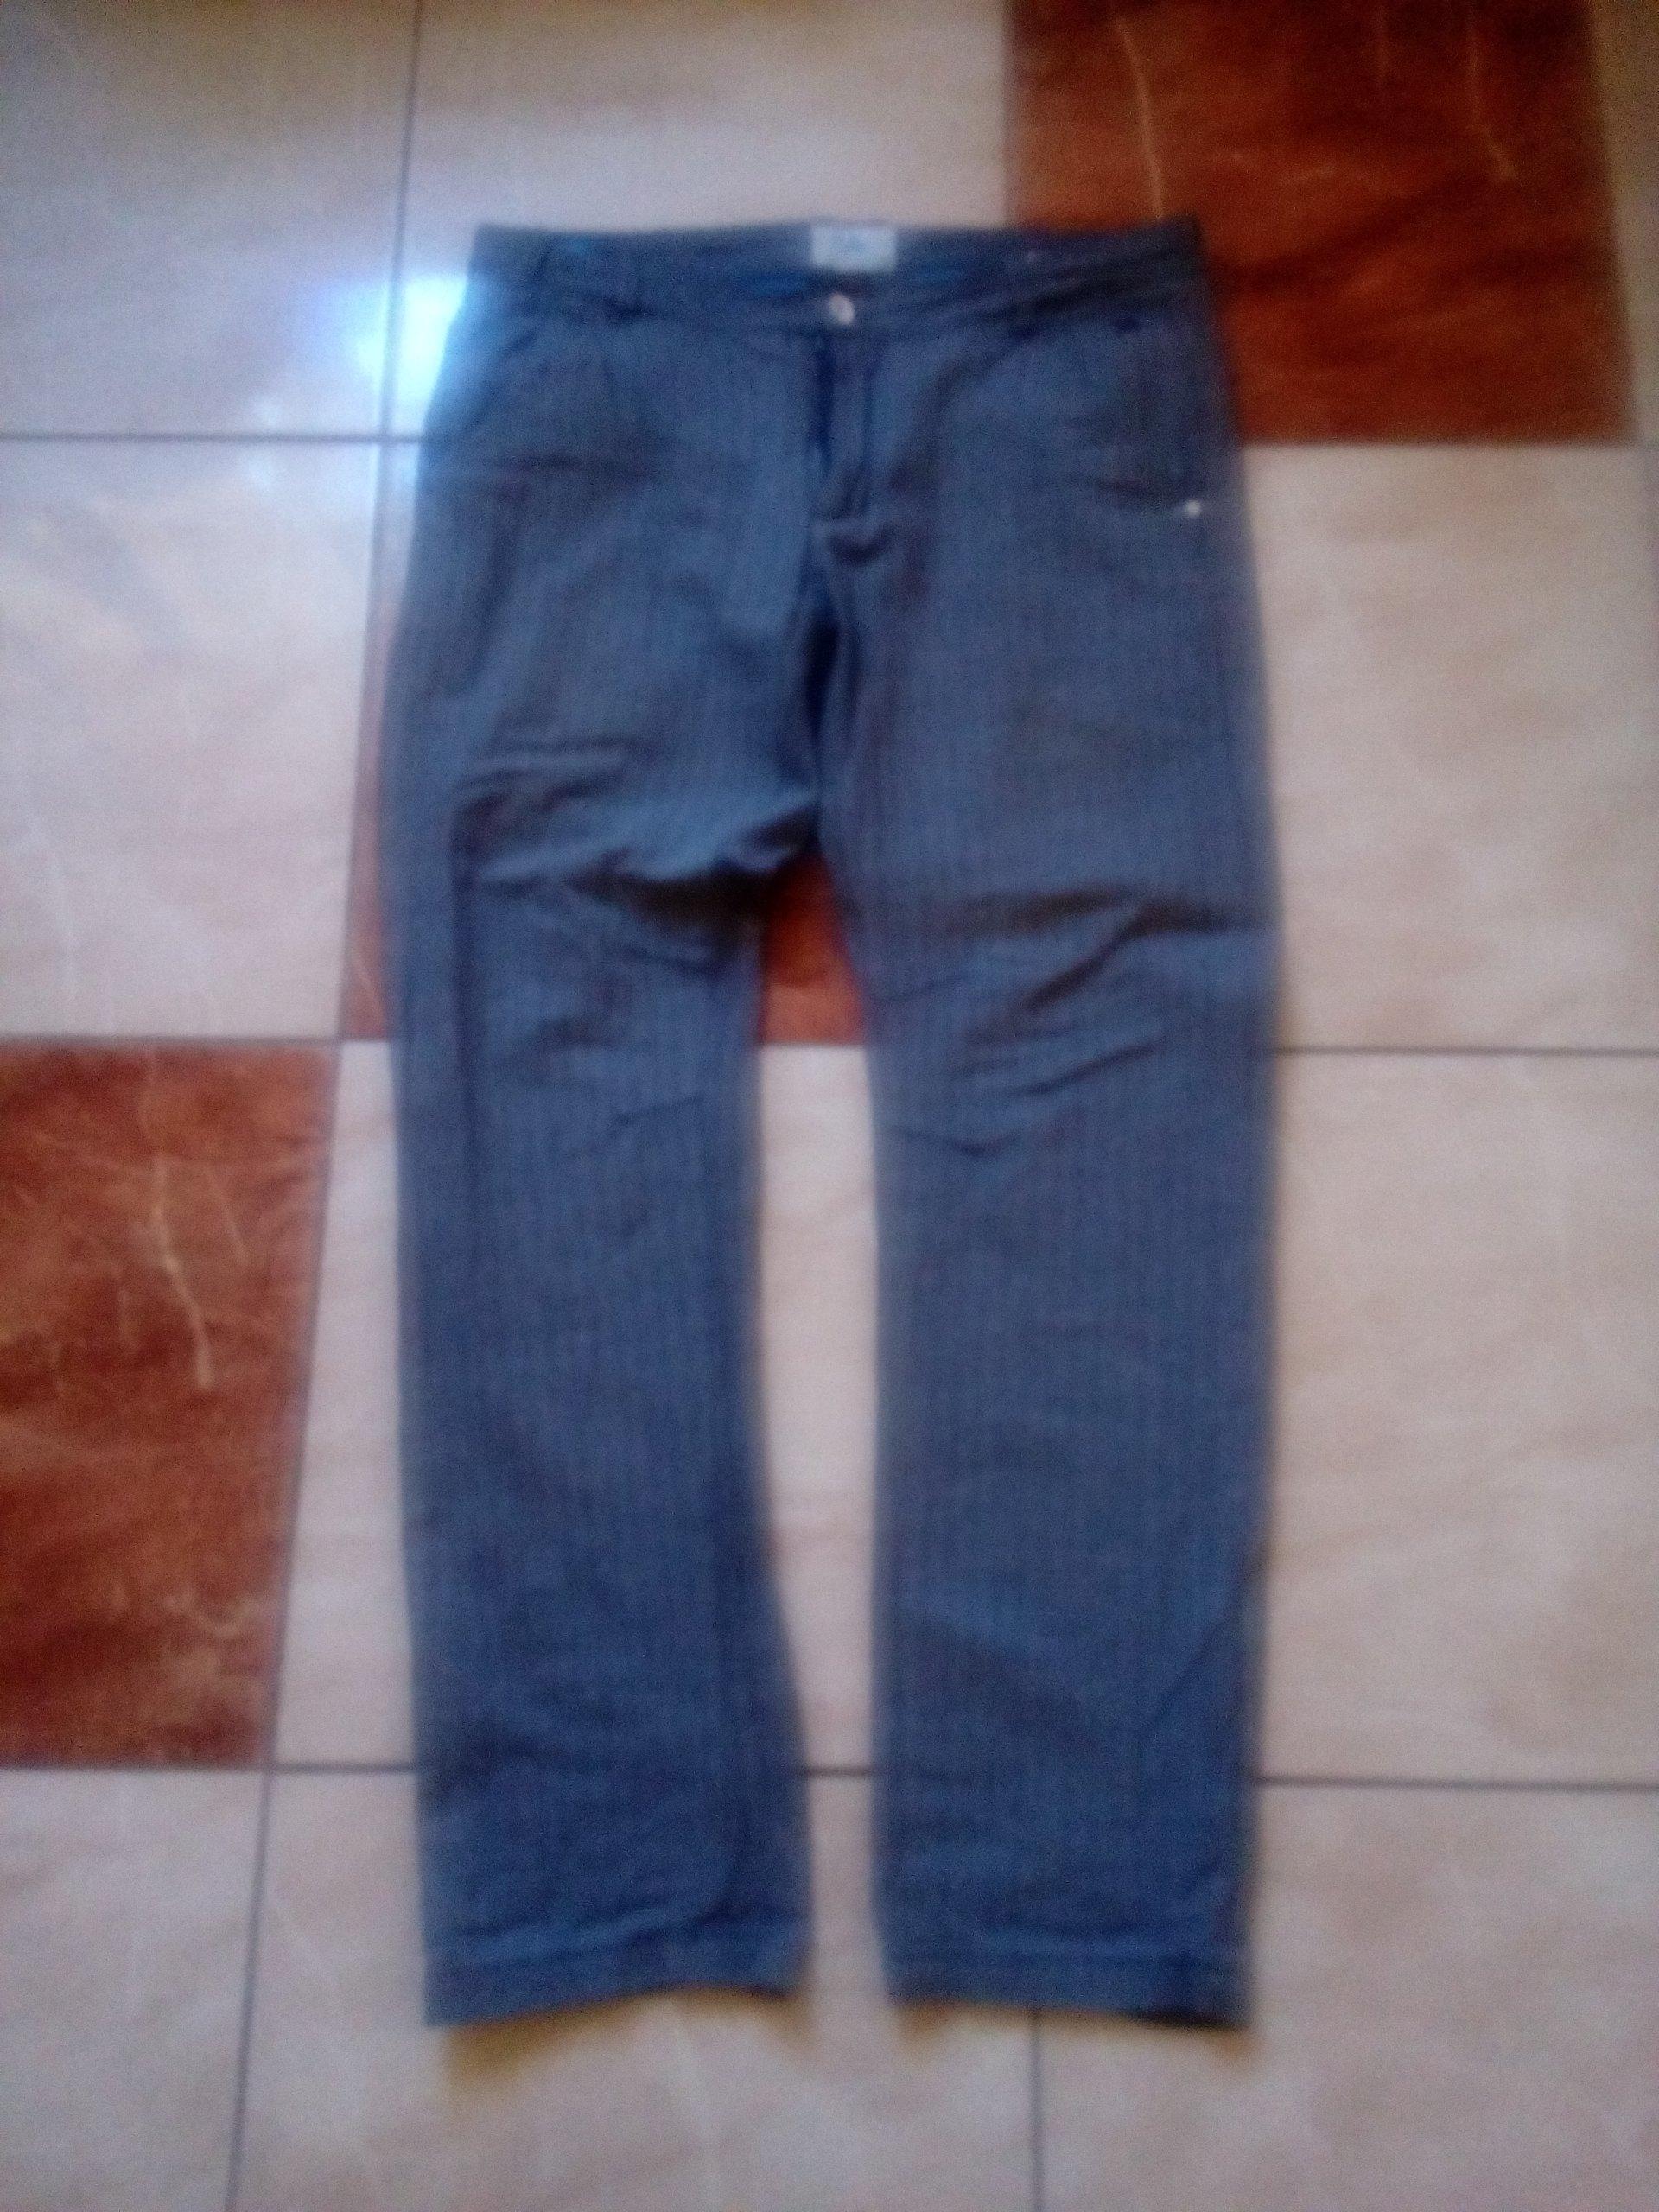 adc478ec8aad2 Cropp Xxl Archiwum 7361616800 Allegro Oficjalne Spodnie Eleganckie  rAx1qwOAEv